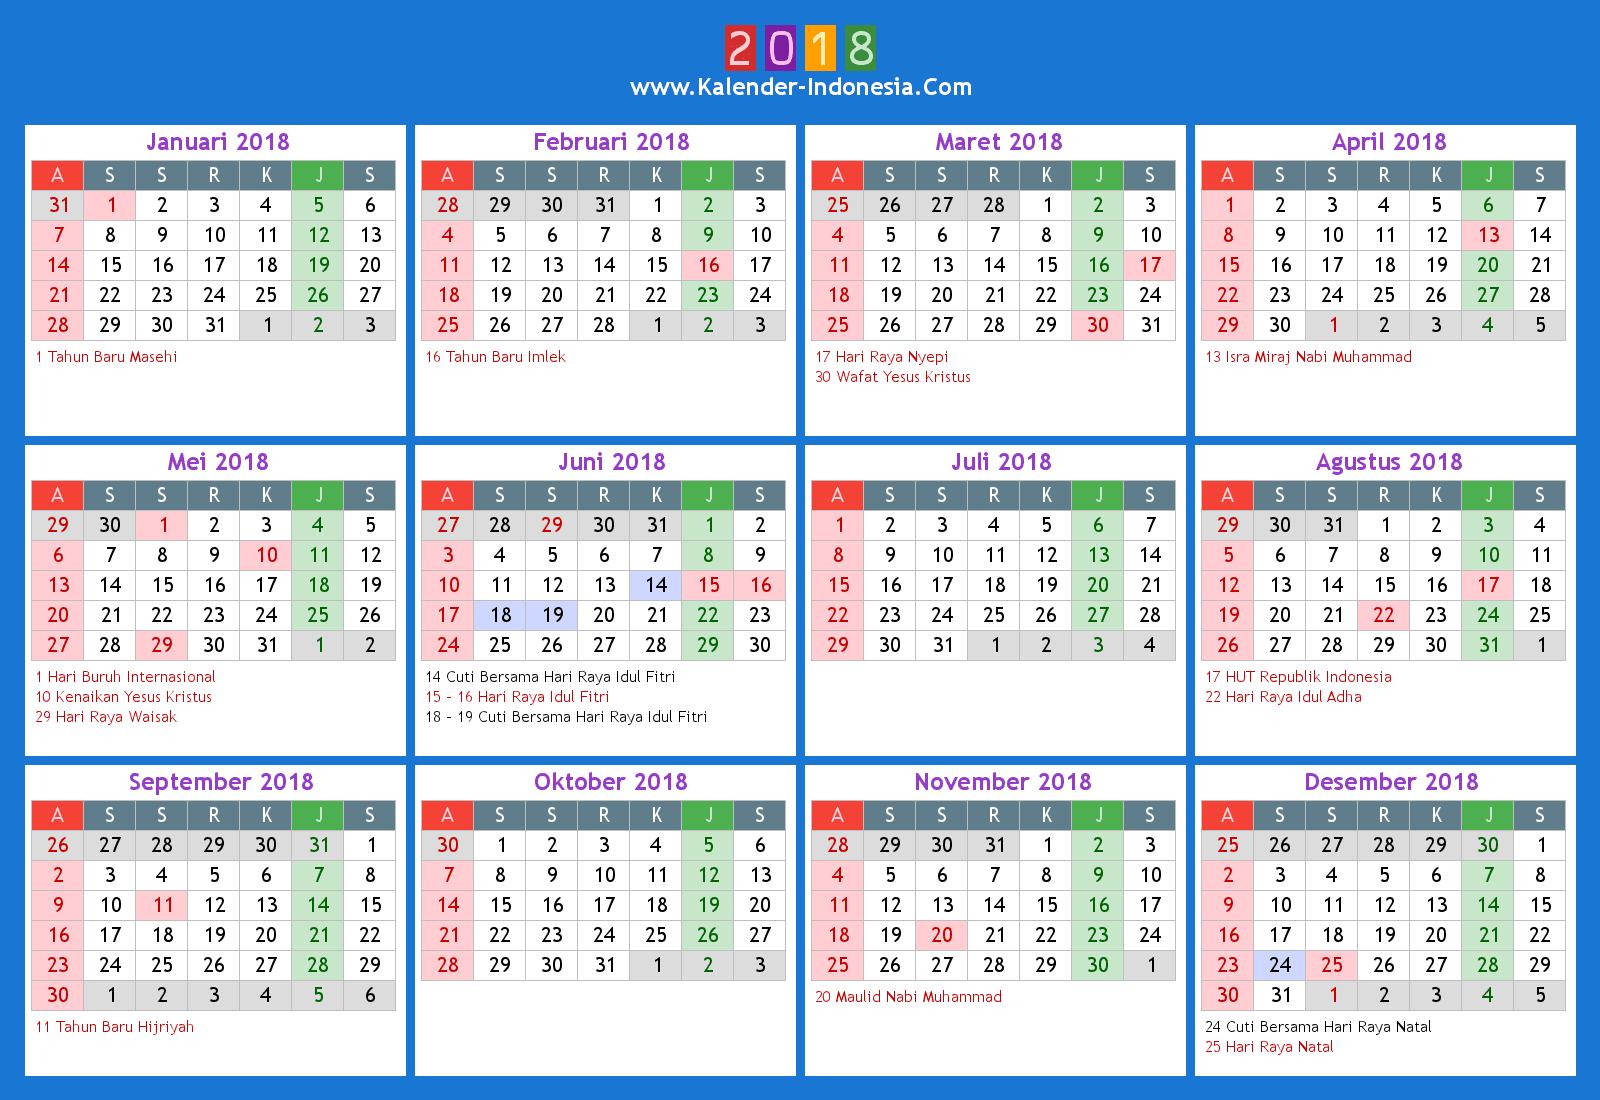 Kalender Indonesia Online: 2018